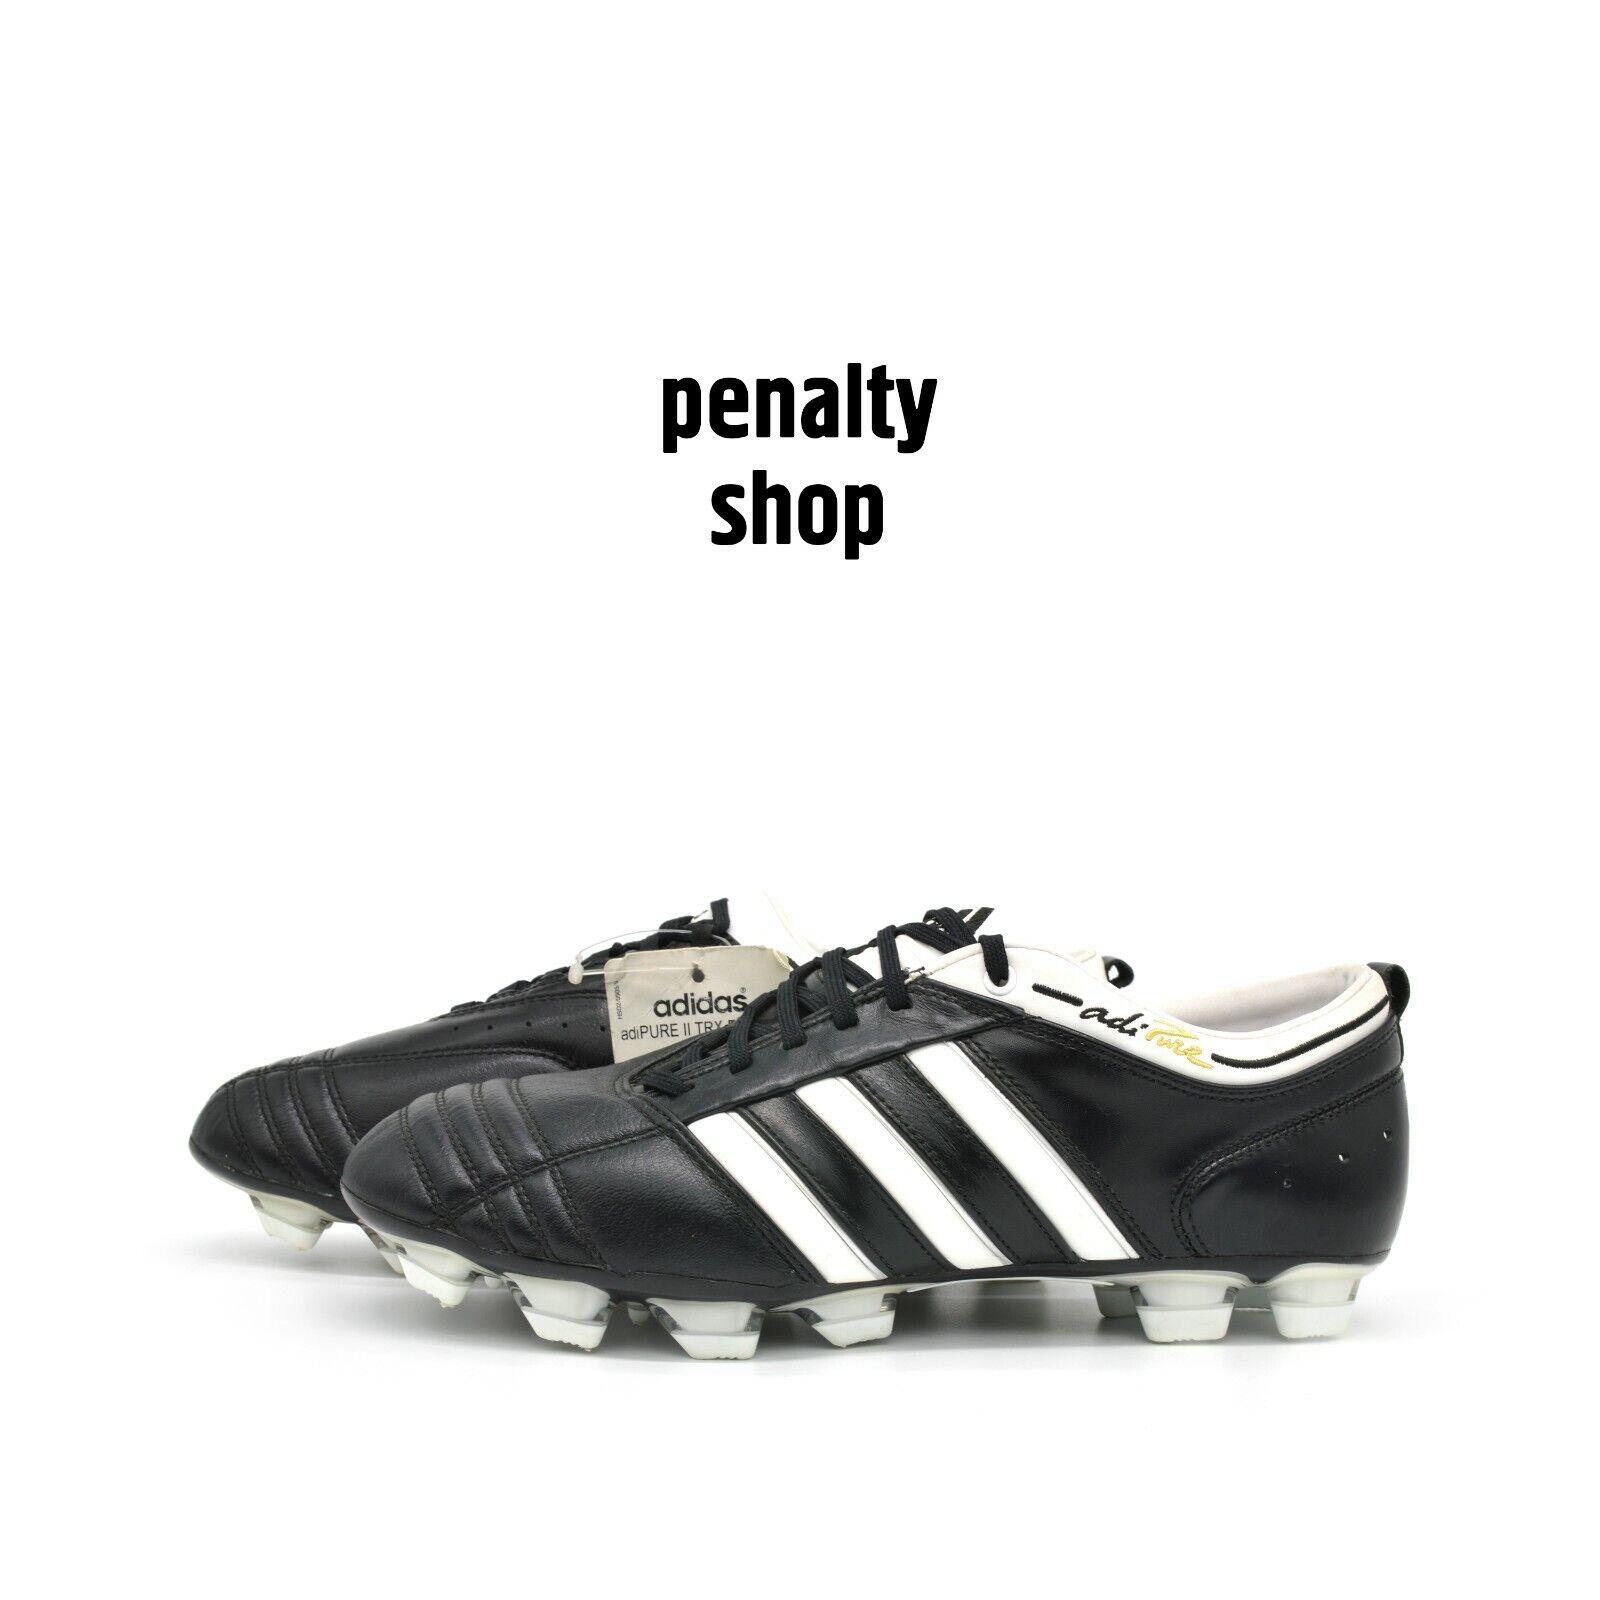 Adidas Adipure Ii Trx Fg 662975 Rara Edición Limitada